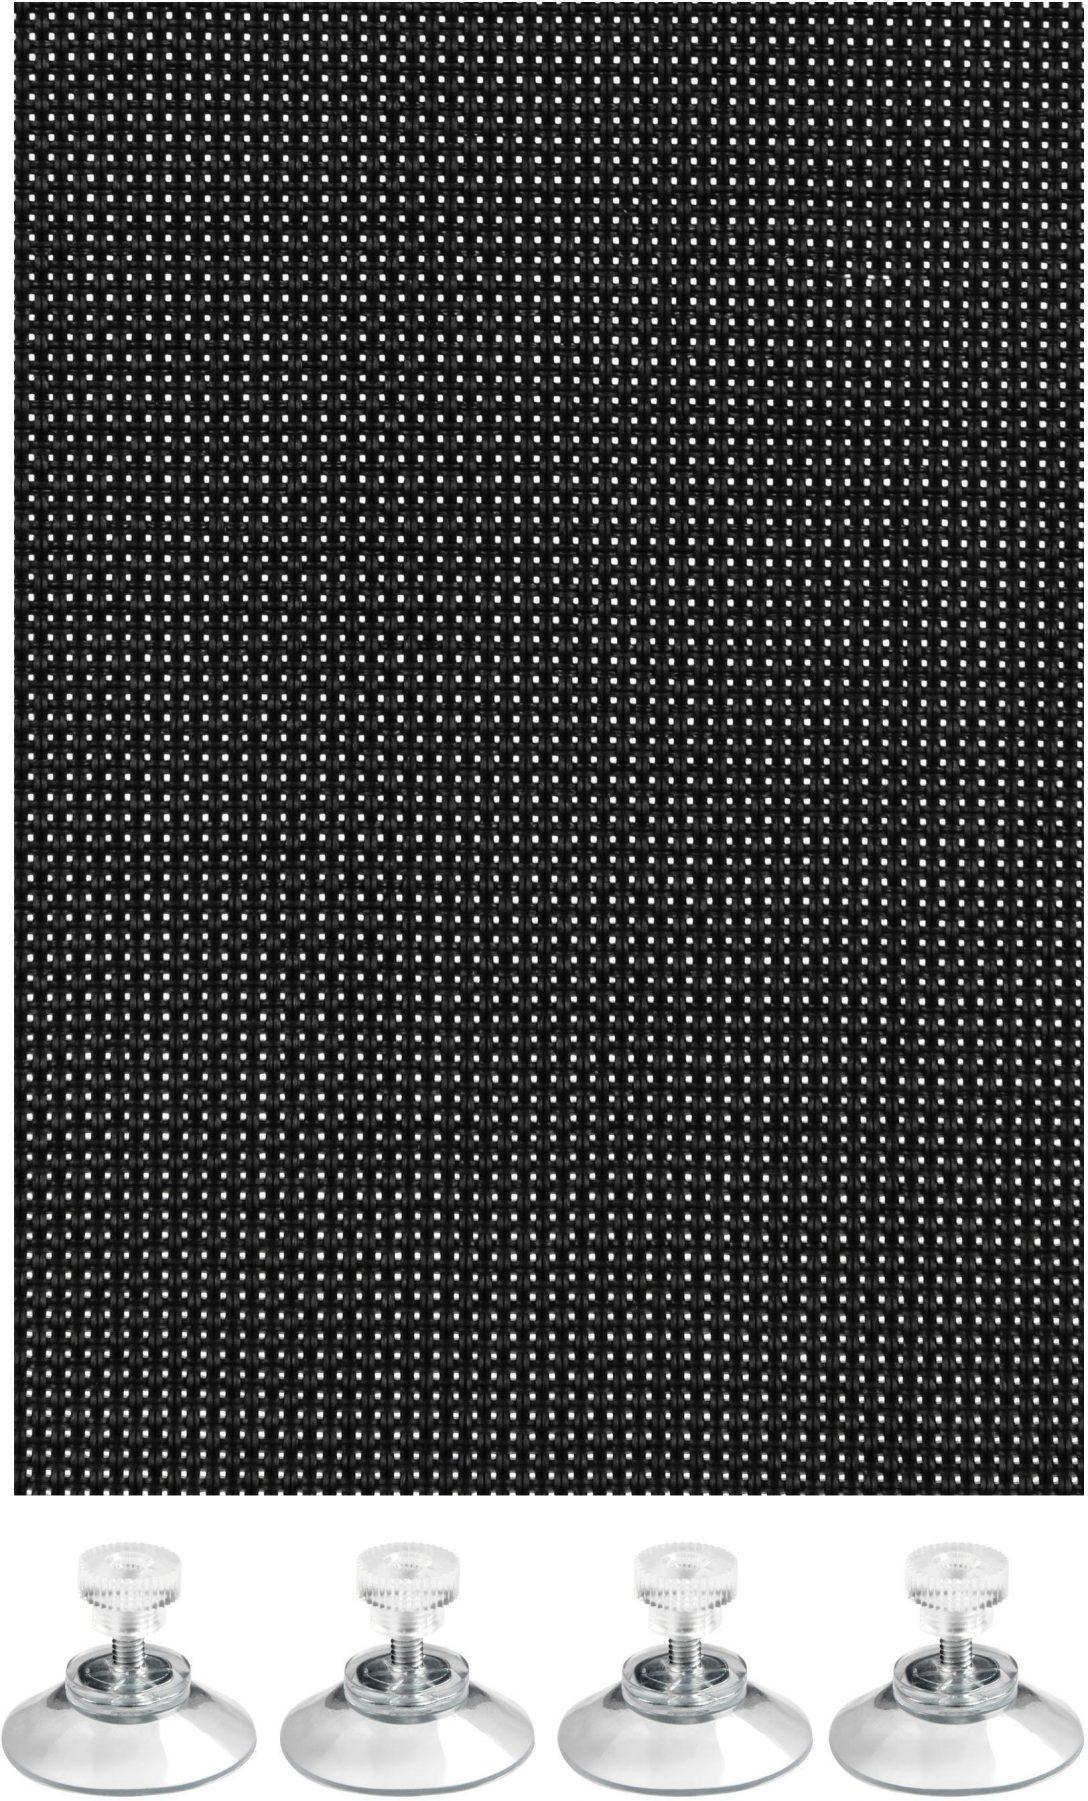 Large Size of Sonnenschutz Fenster Mit Rolladen Abus Austauschen Kosten Sichtschutzfolie Sonnenschutzfolie Fliegennetz Polen Weru Preise Konfigurieren Sicherheitsbeschläge Fenster Sonnenschutz Fenster